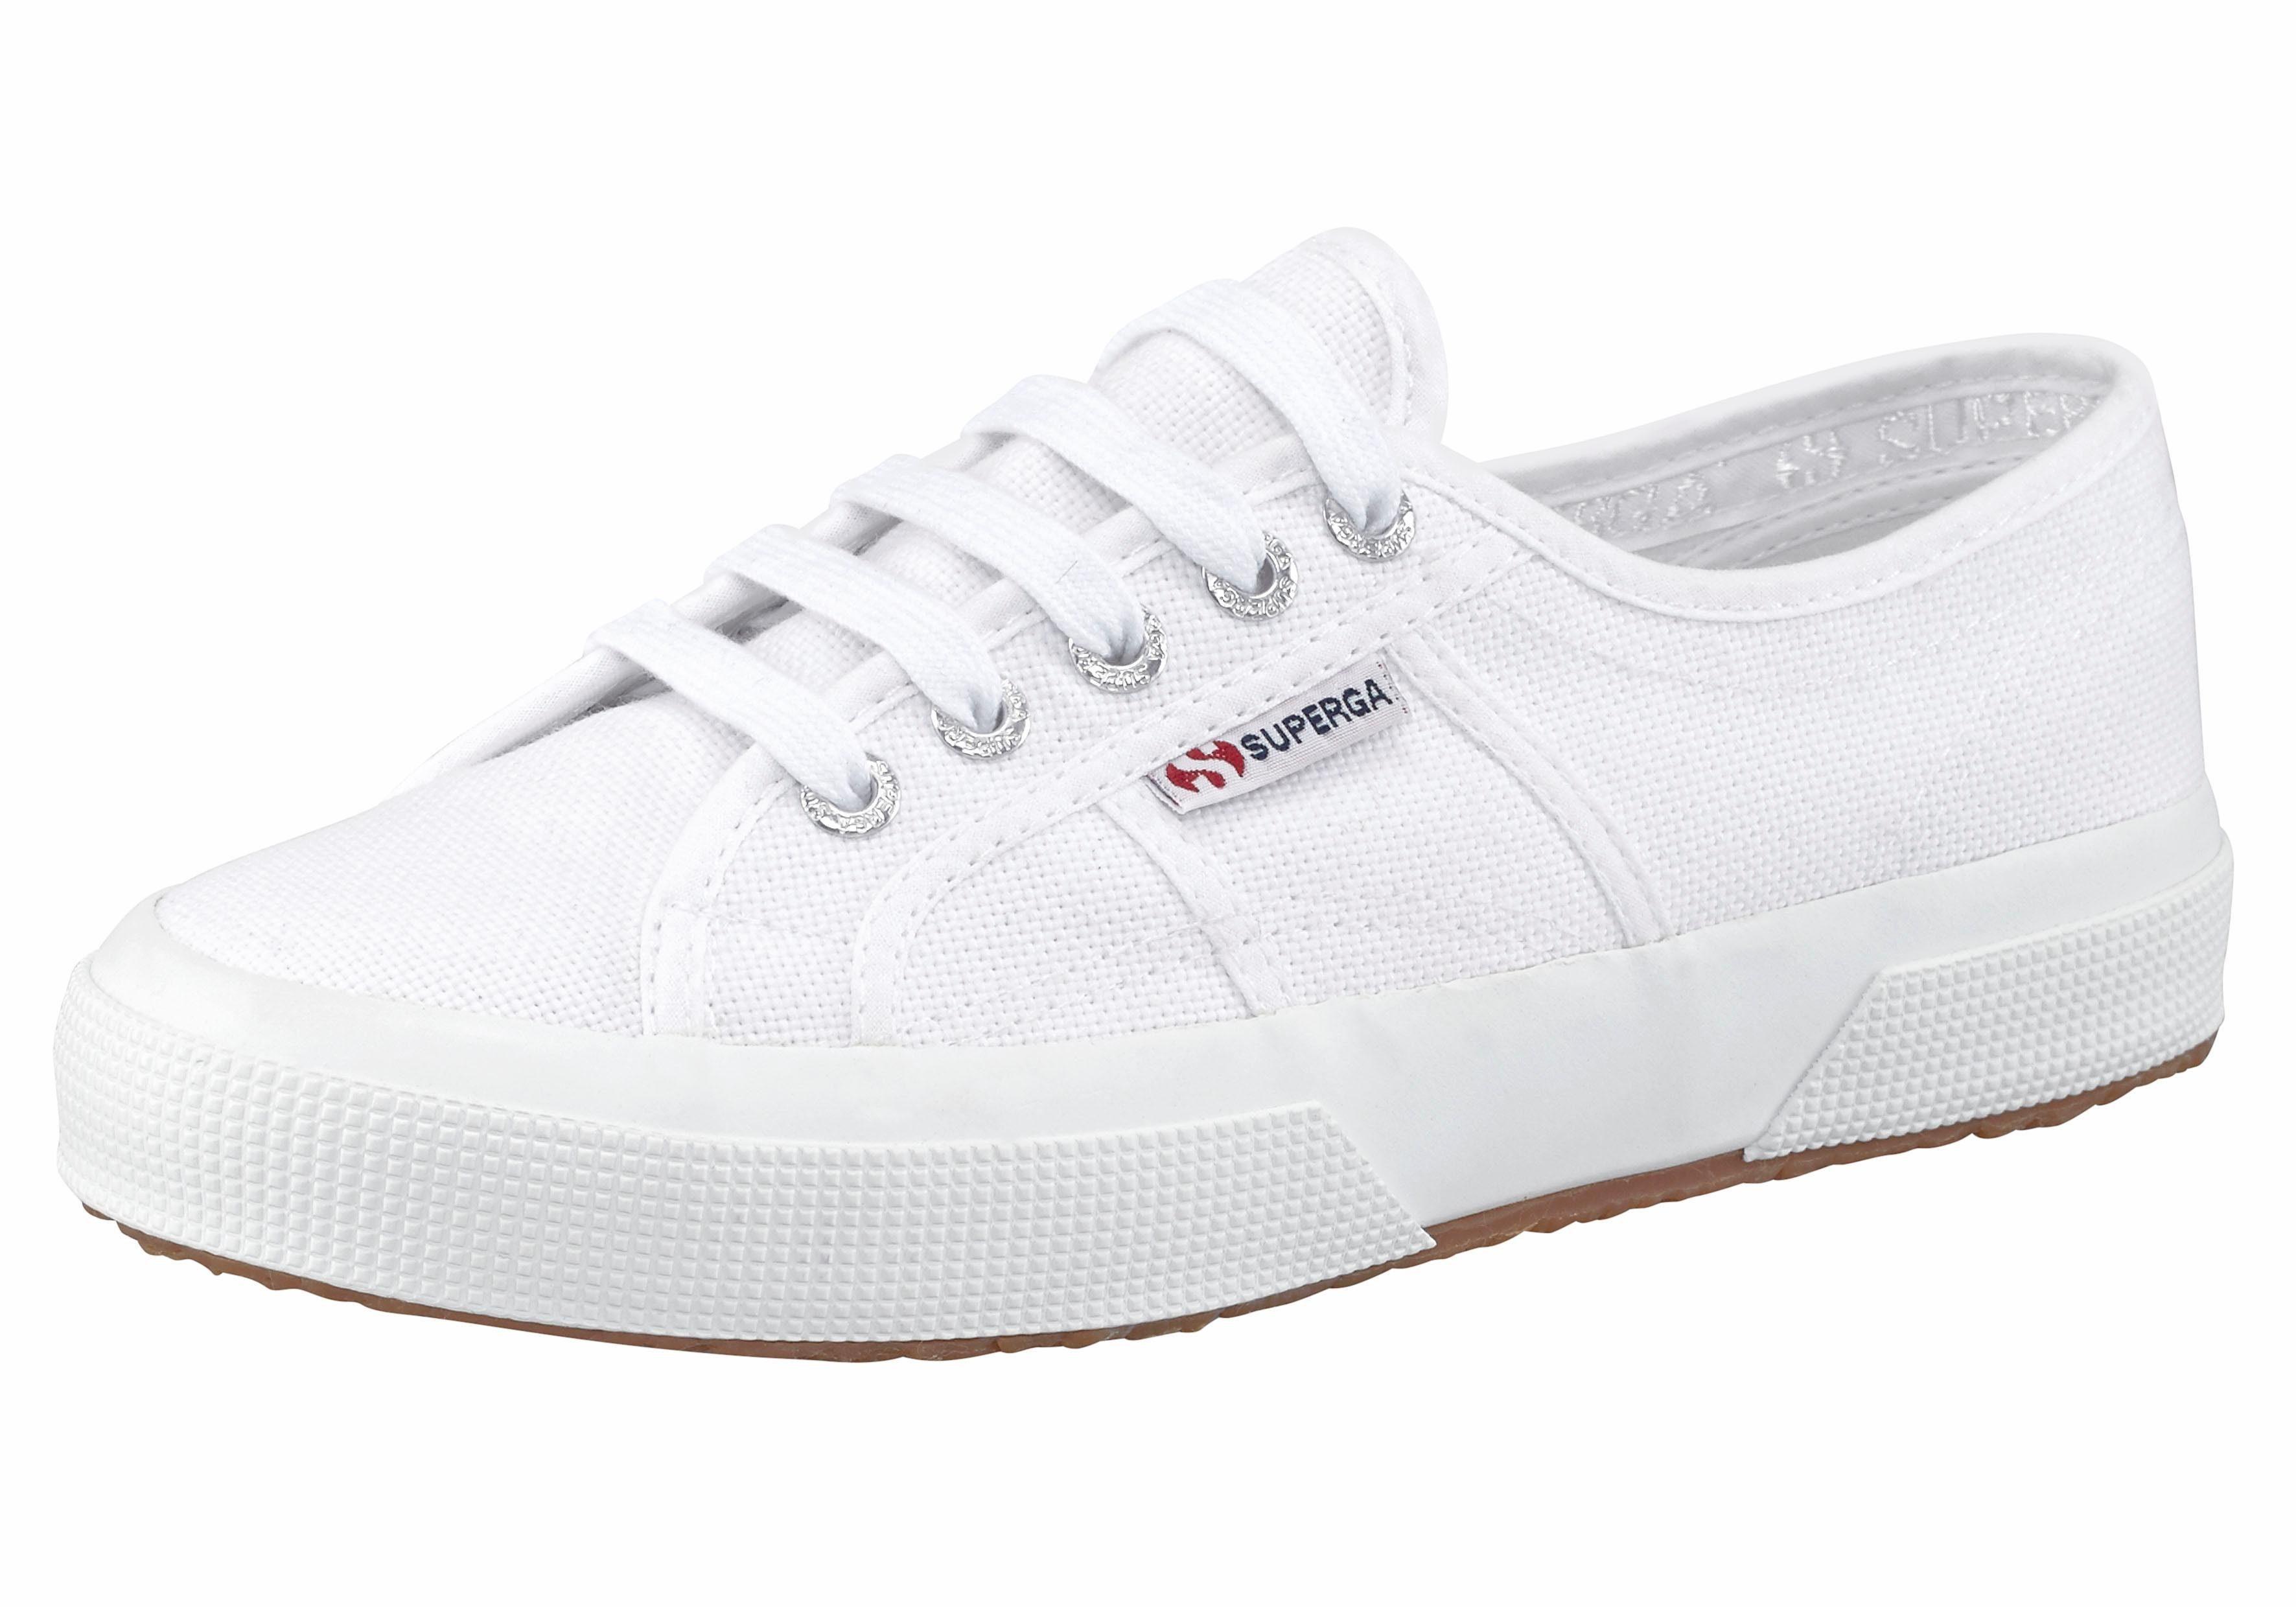 Superga Cotu Classic Sneaker online kaufen  weiß